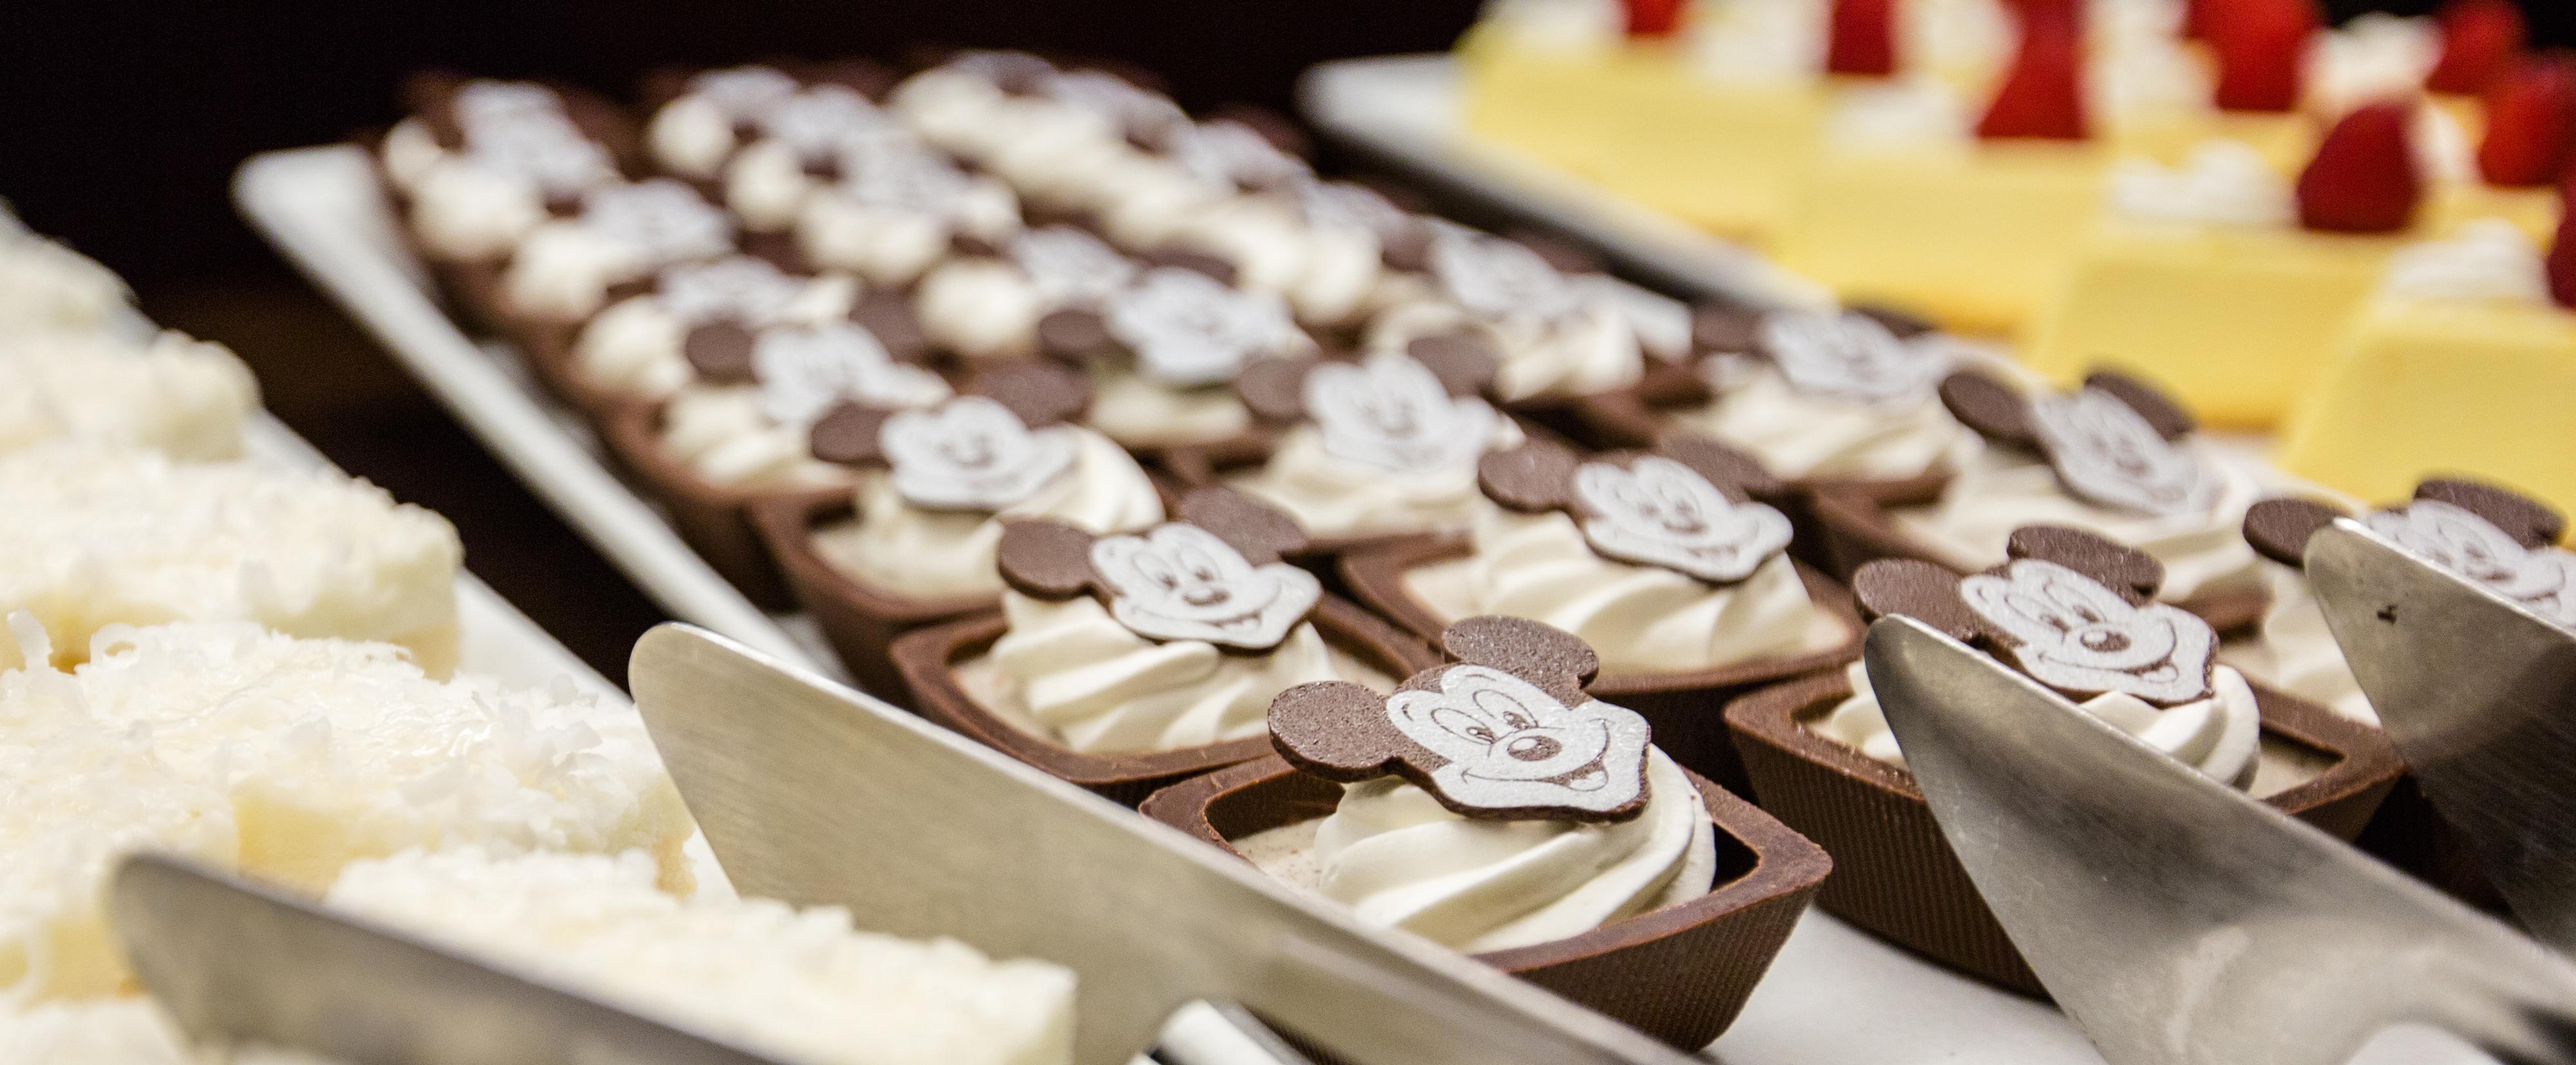 中にホワイトクリームが入った四角いチョコレートが並び、その上にチョコレートでできたミッキーの顔が飾りつけられている様子